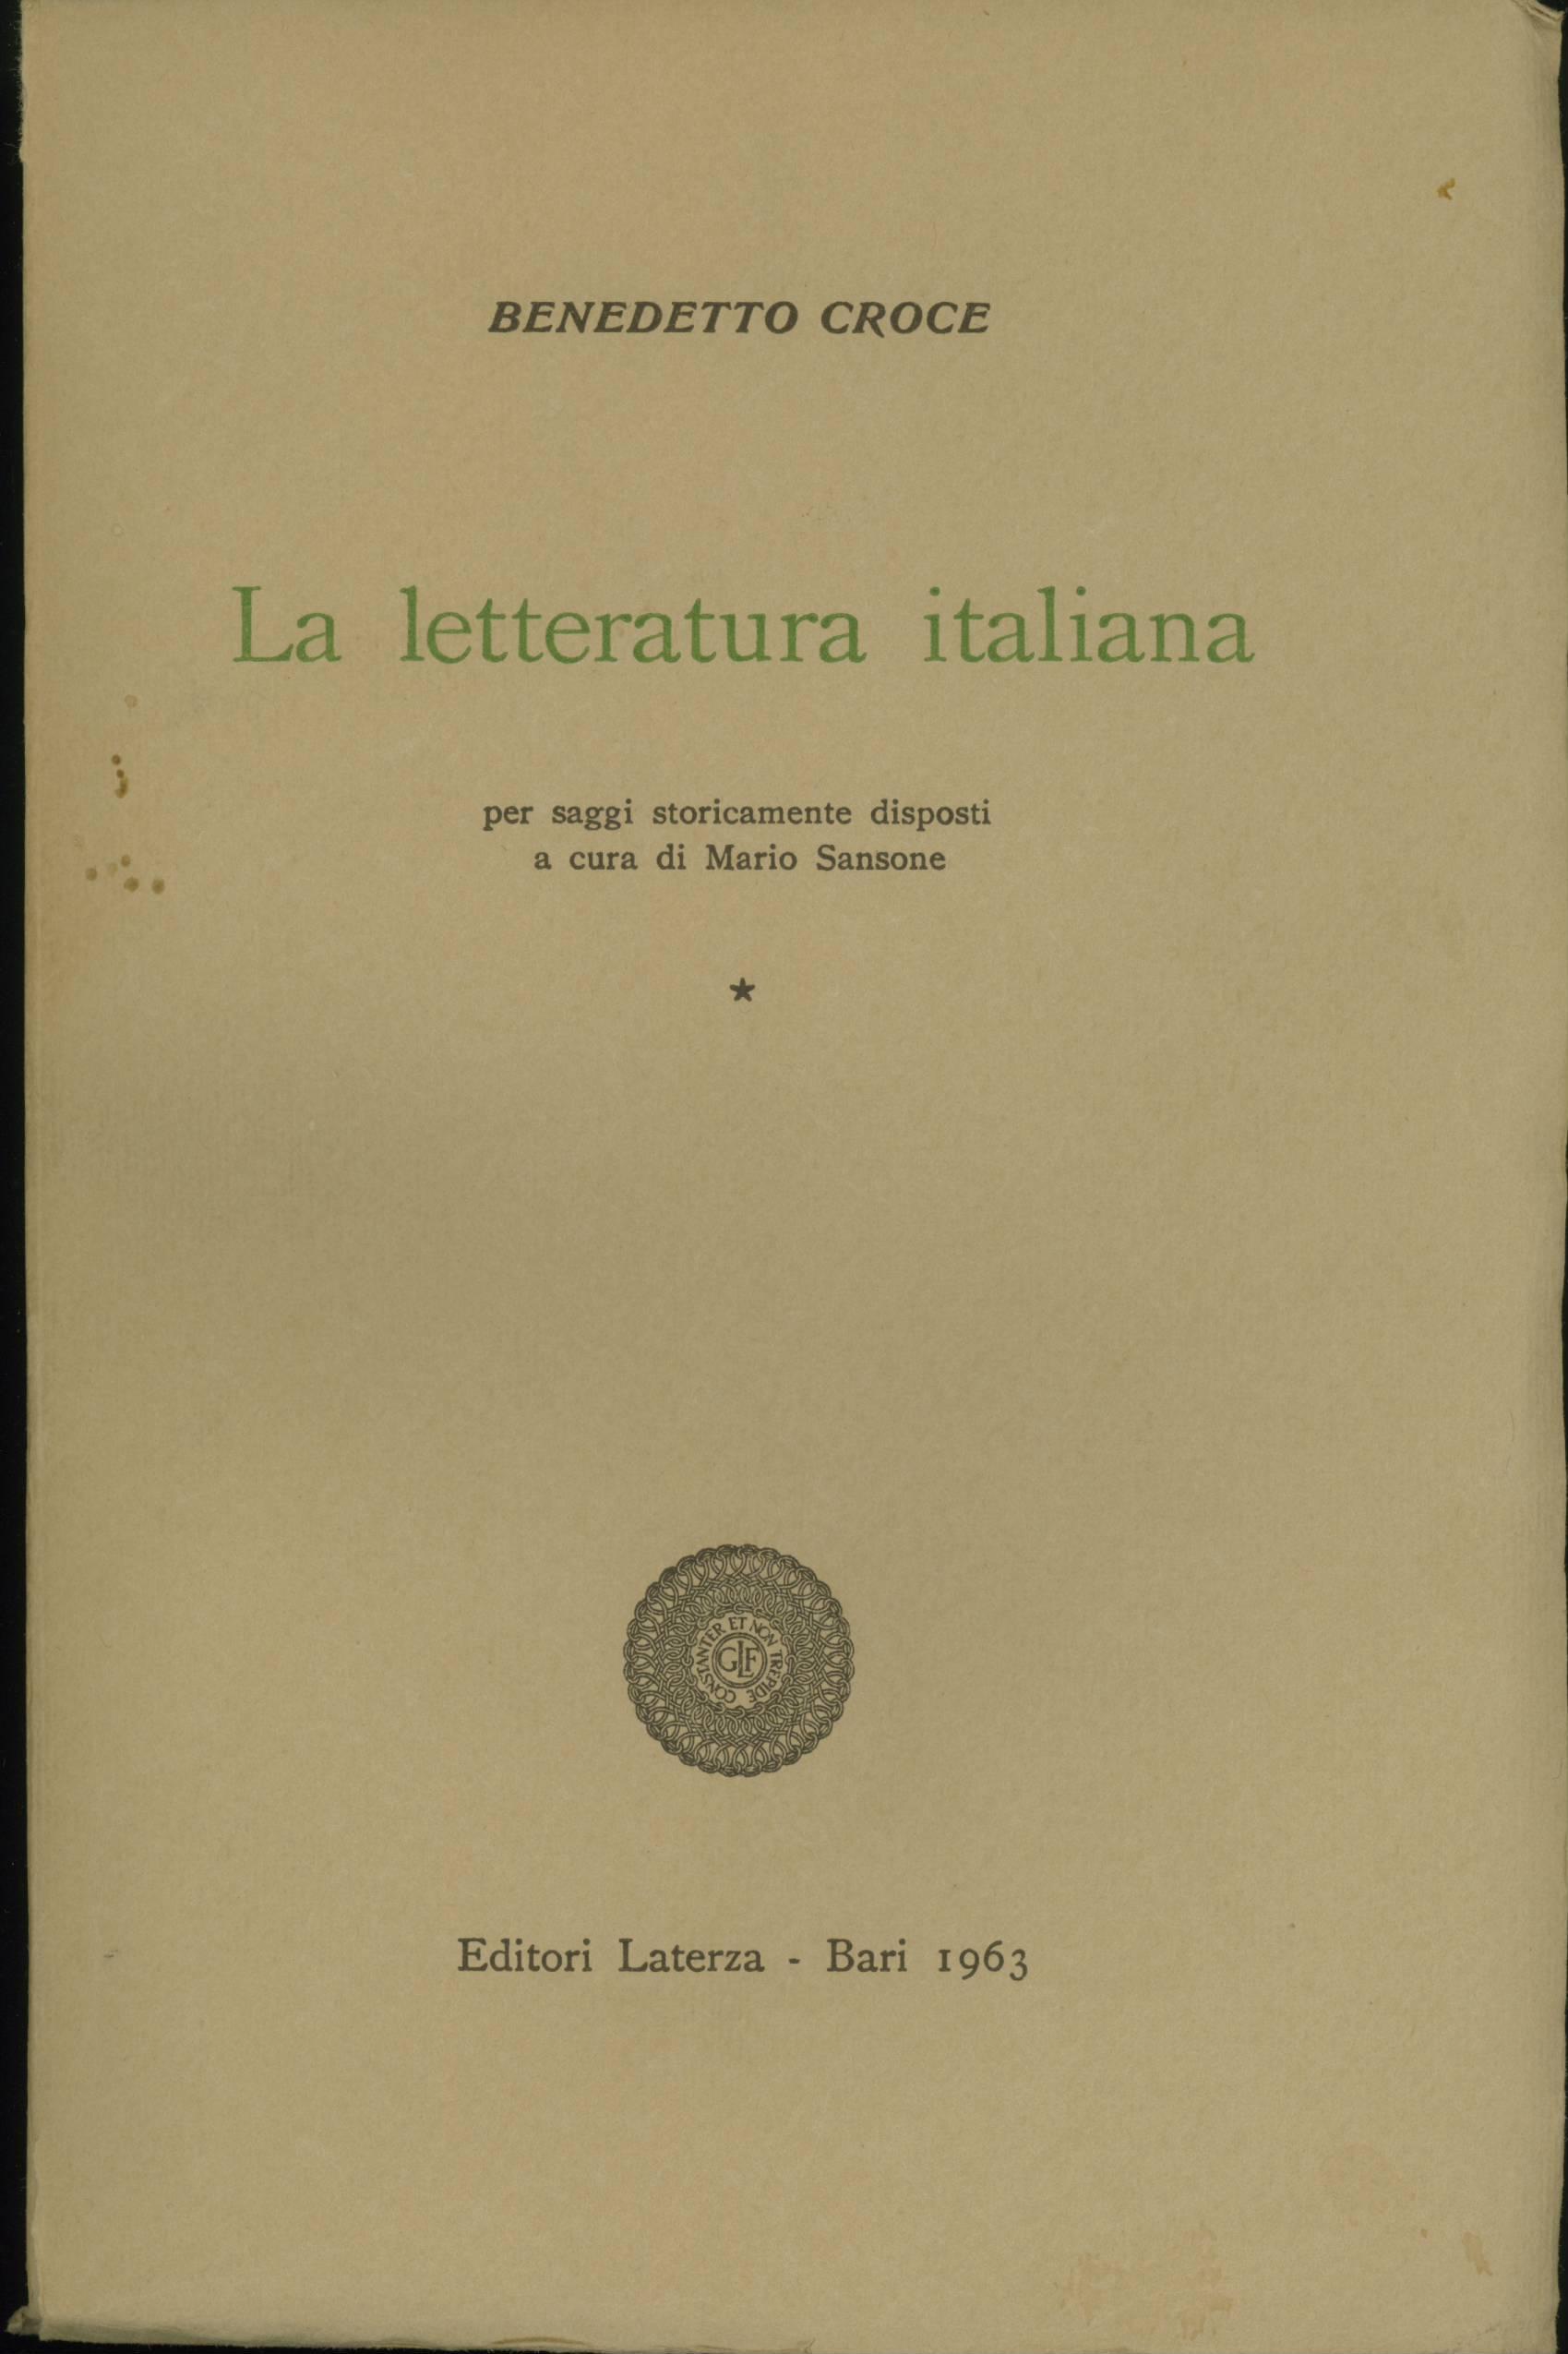 La Letteratura italiana per saggi storicamente disposti - I